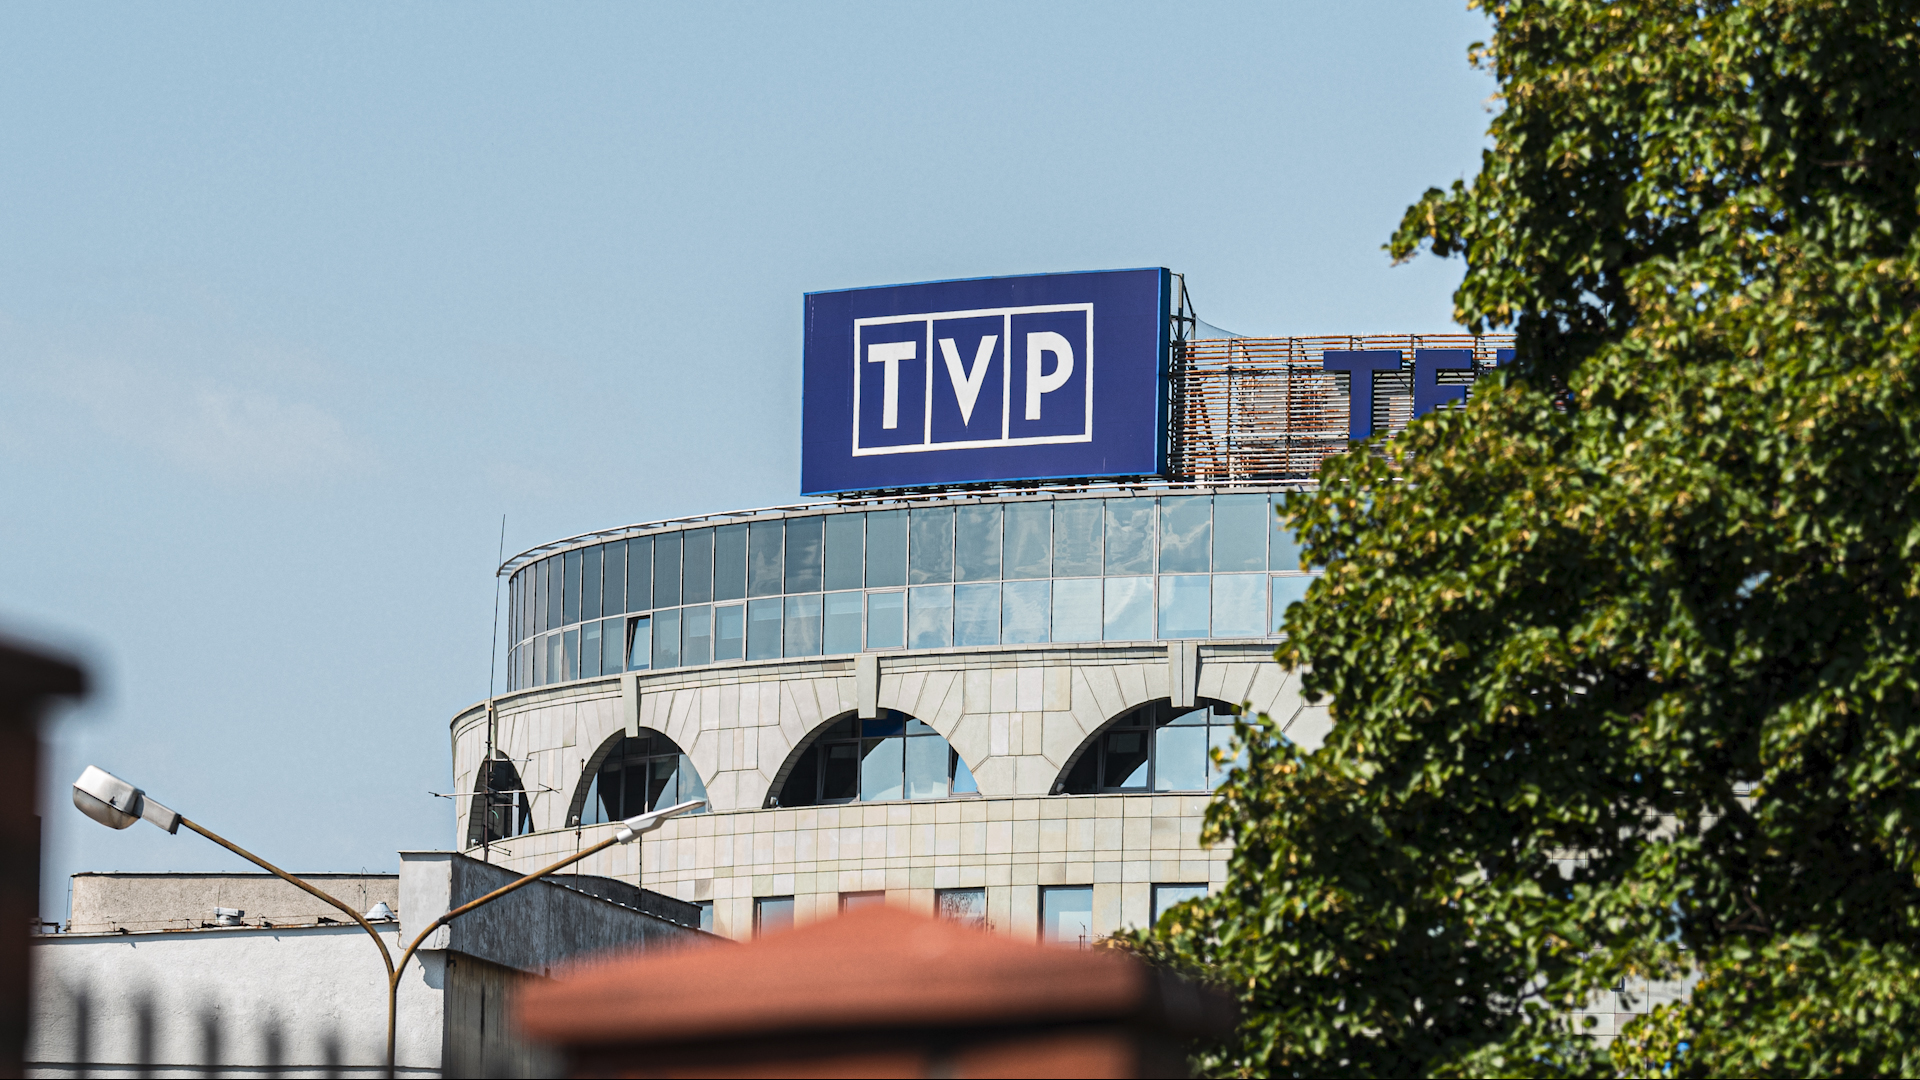 Nagłe czystki w TVP. Decyzje władz publicznej wzbudziły oficjalny sprzeciw